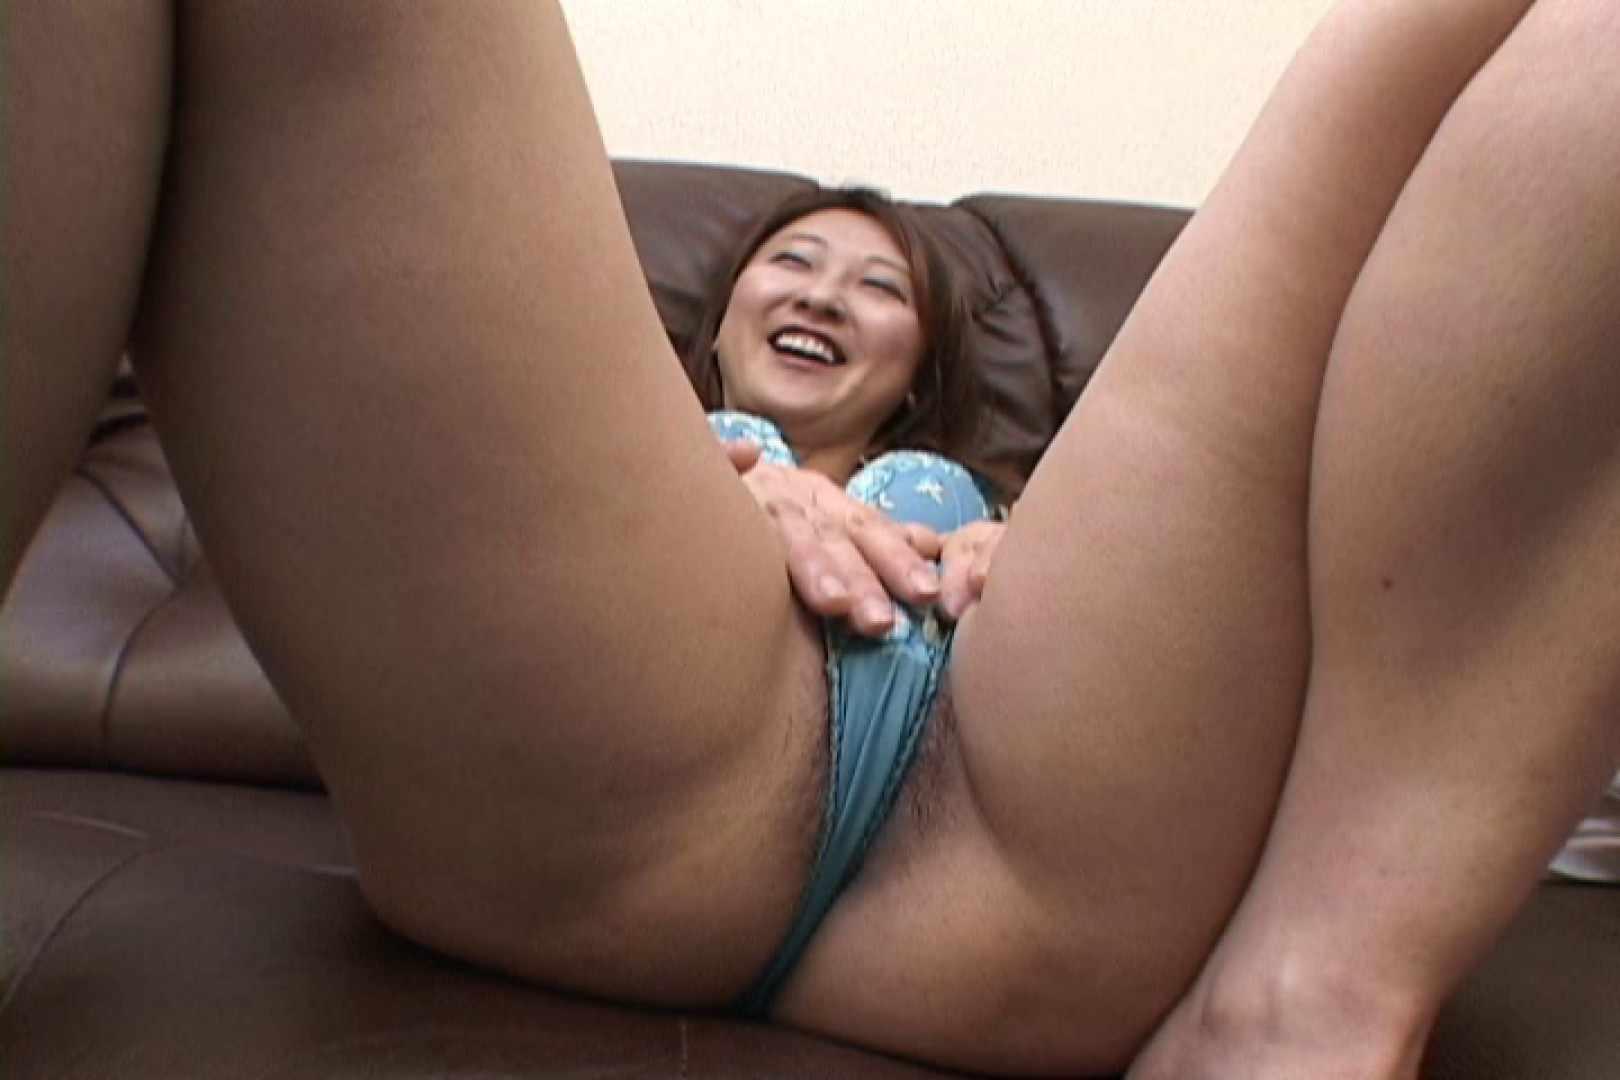 オナニー好きの綺麗なお姉さんと楽しくSEX~姫野あかね~ 超エロお姉さん  83枚 60